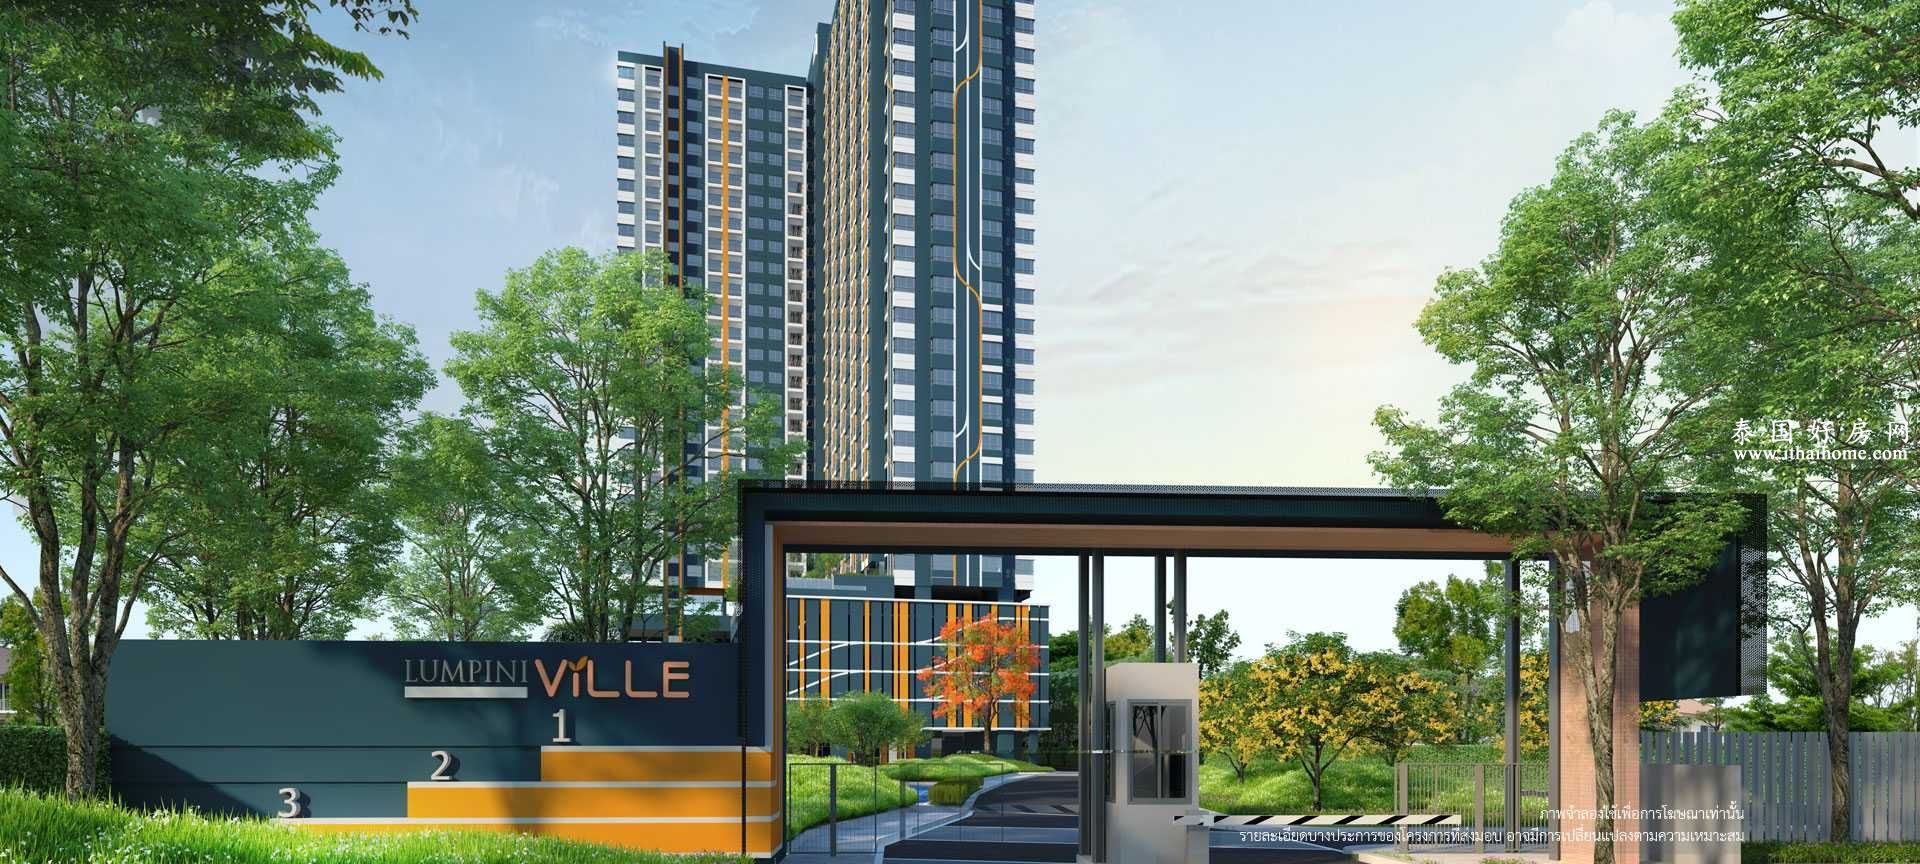 2019 投資泰國房地產一定要認識的泰國十大建商  開發商總整理 下 @東南亞投資報告